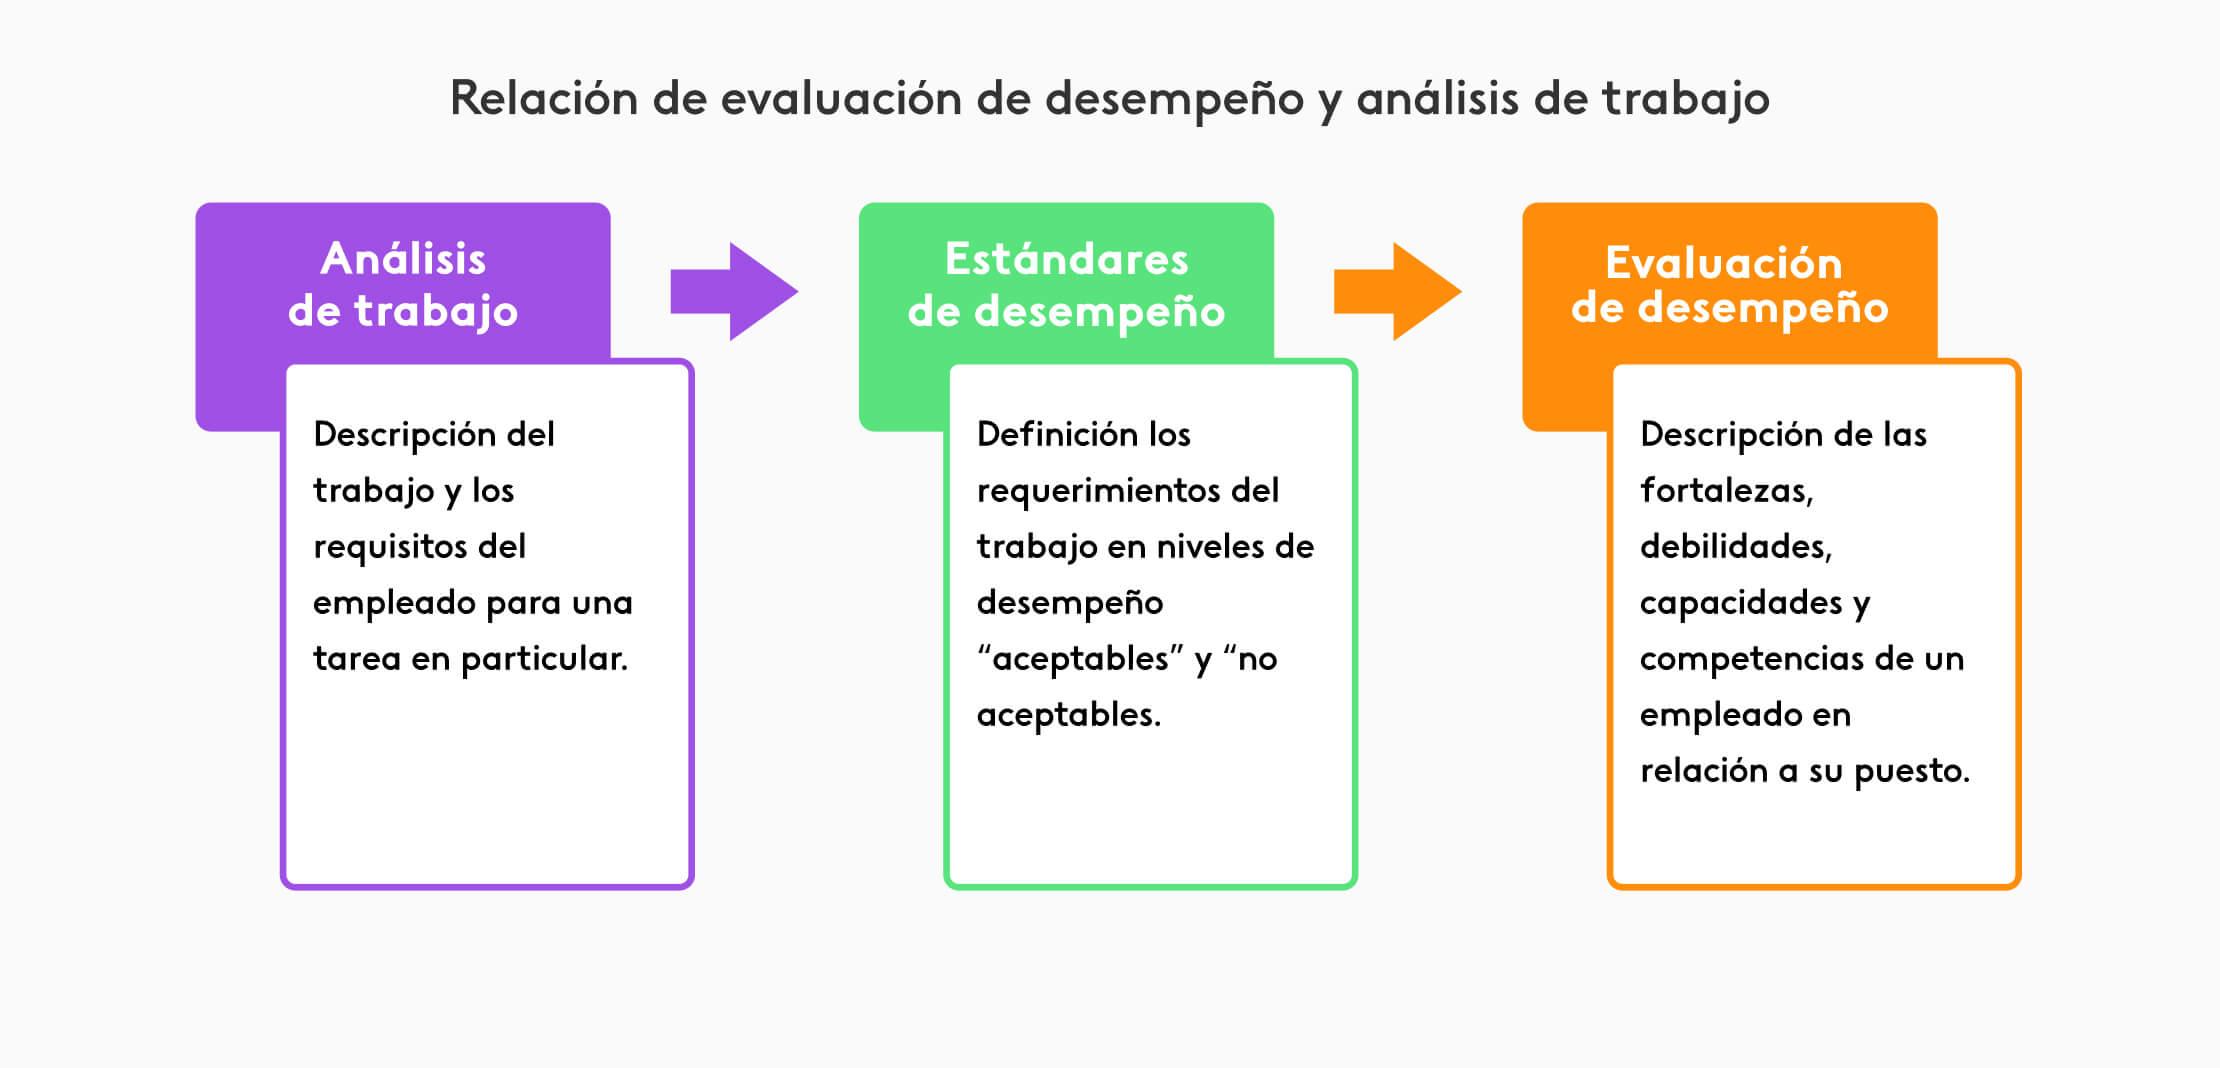 Relación entre evaluación de desempeño y análisis de trabajo